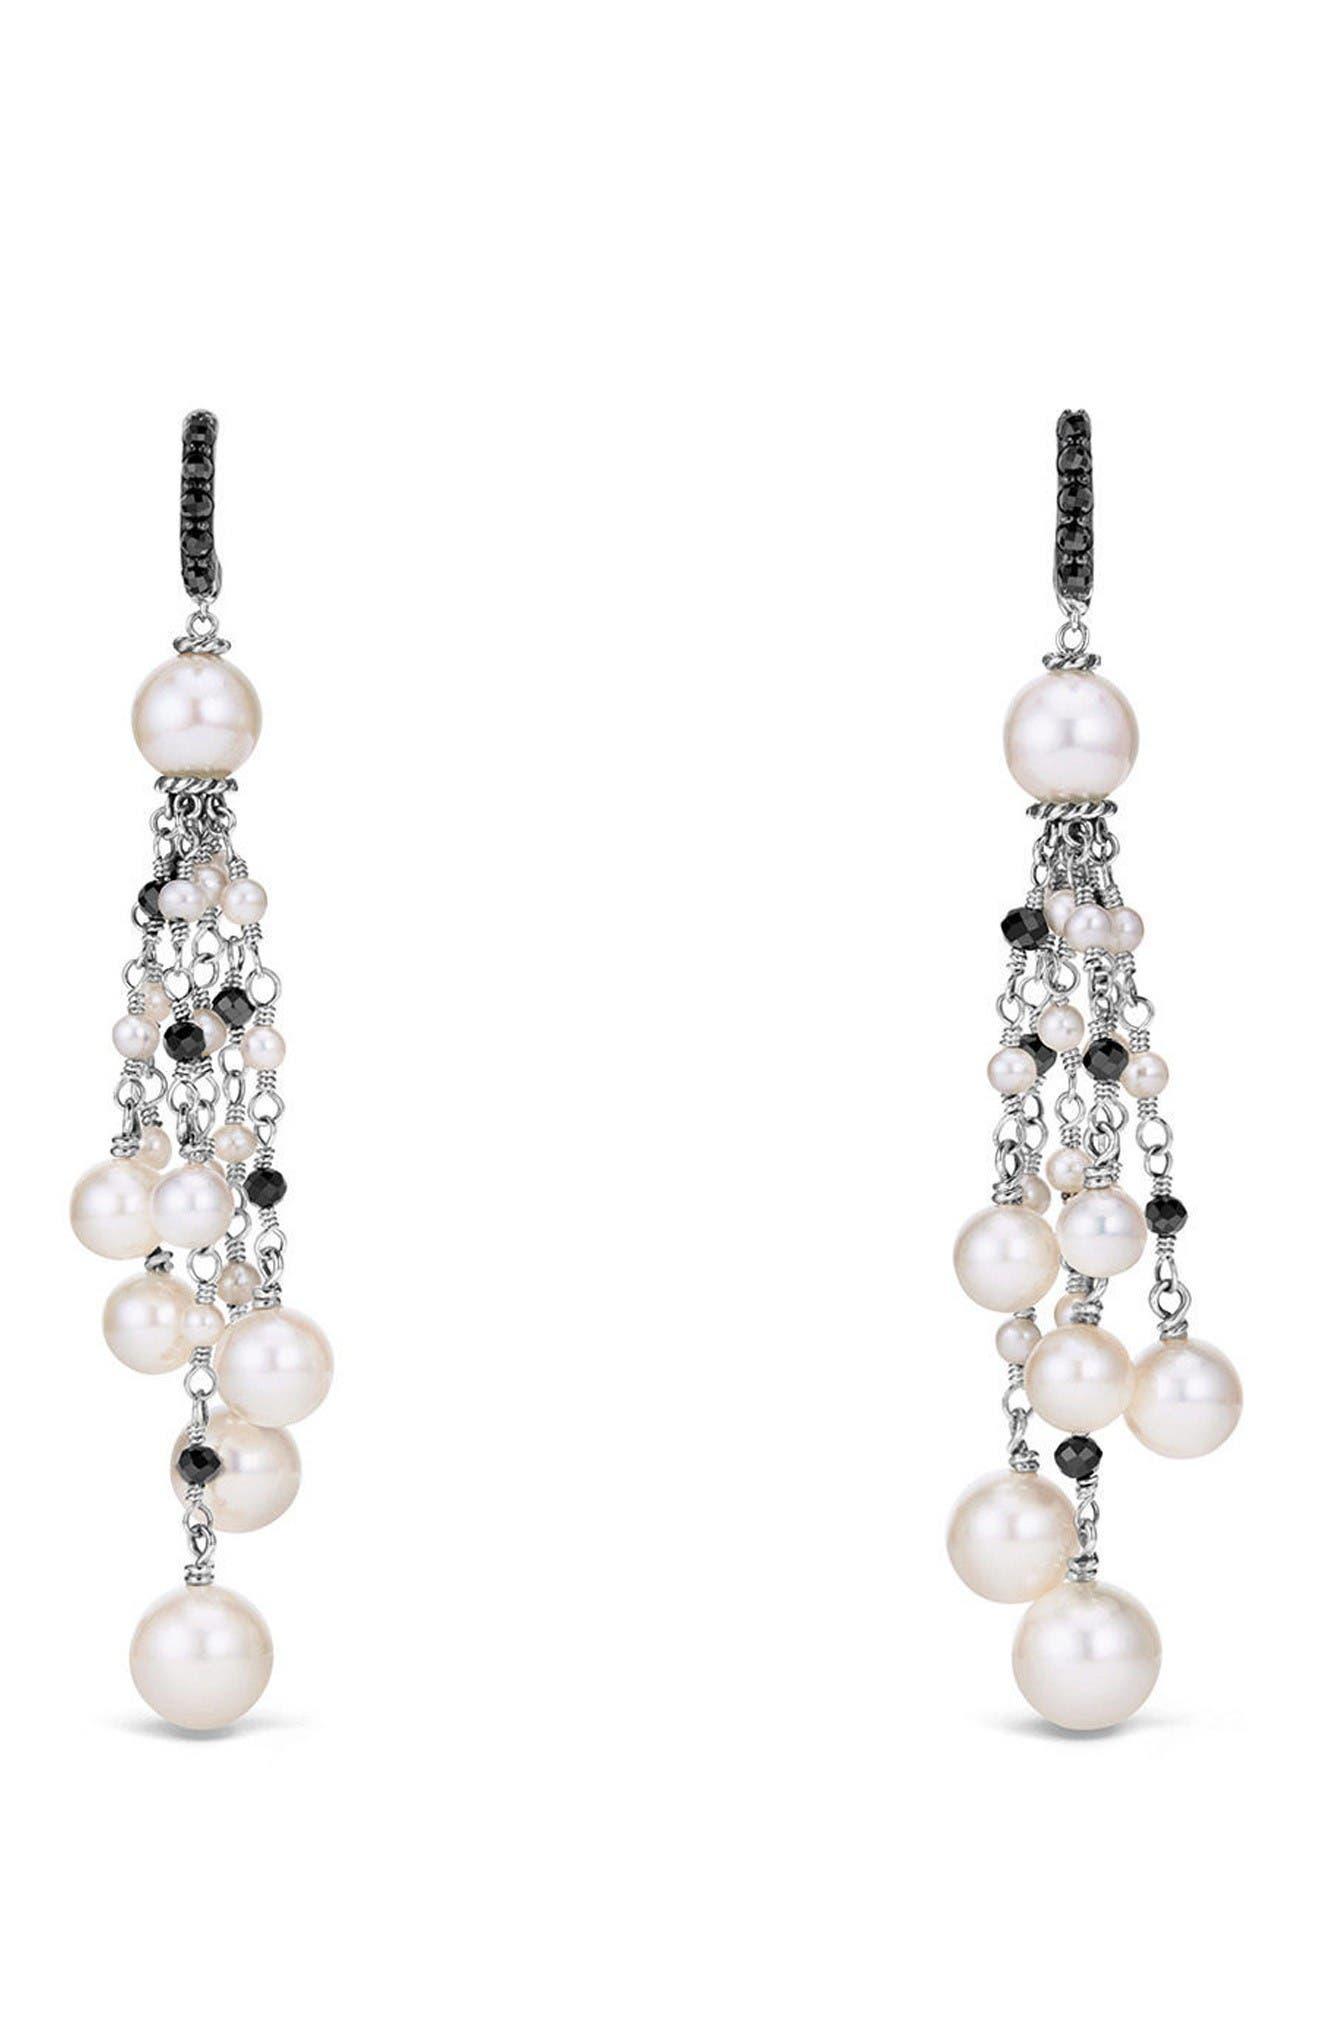 DAVID YURMAN Solari Pearl Fringe Earrings